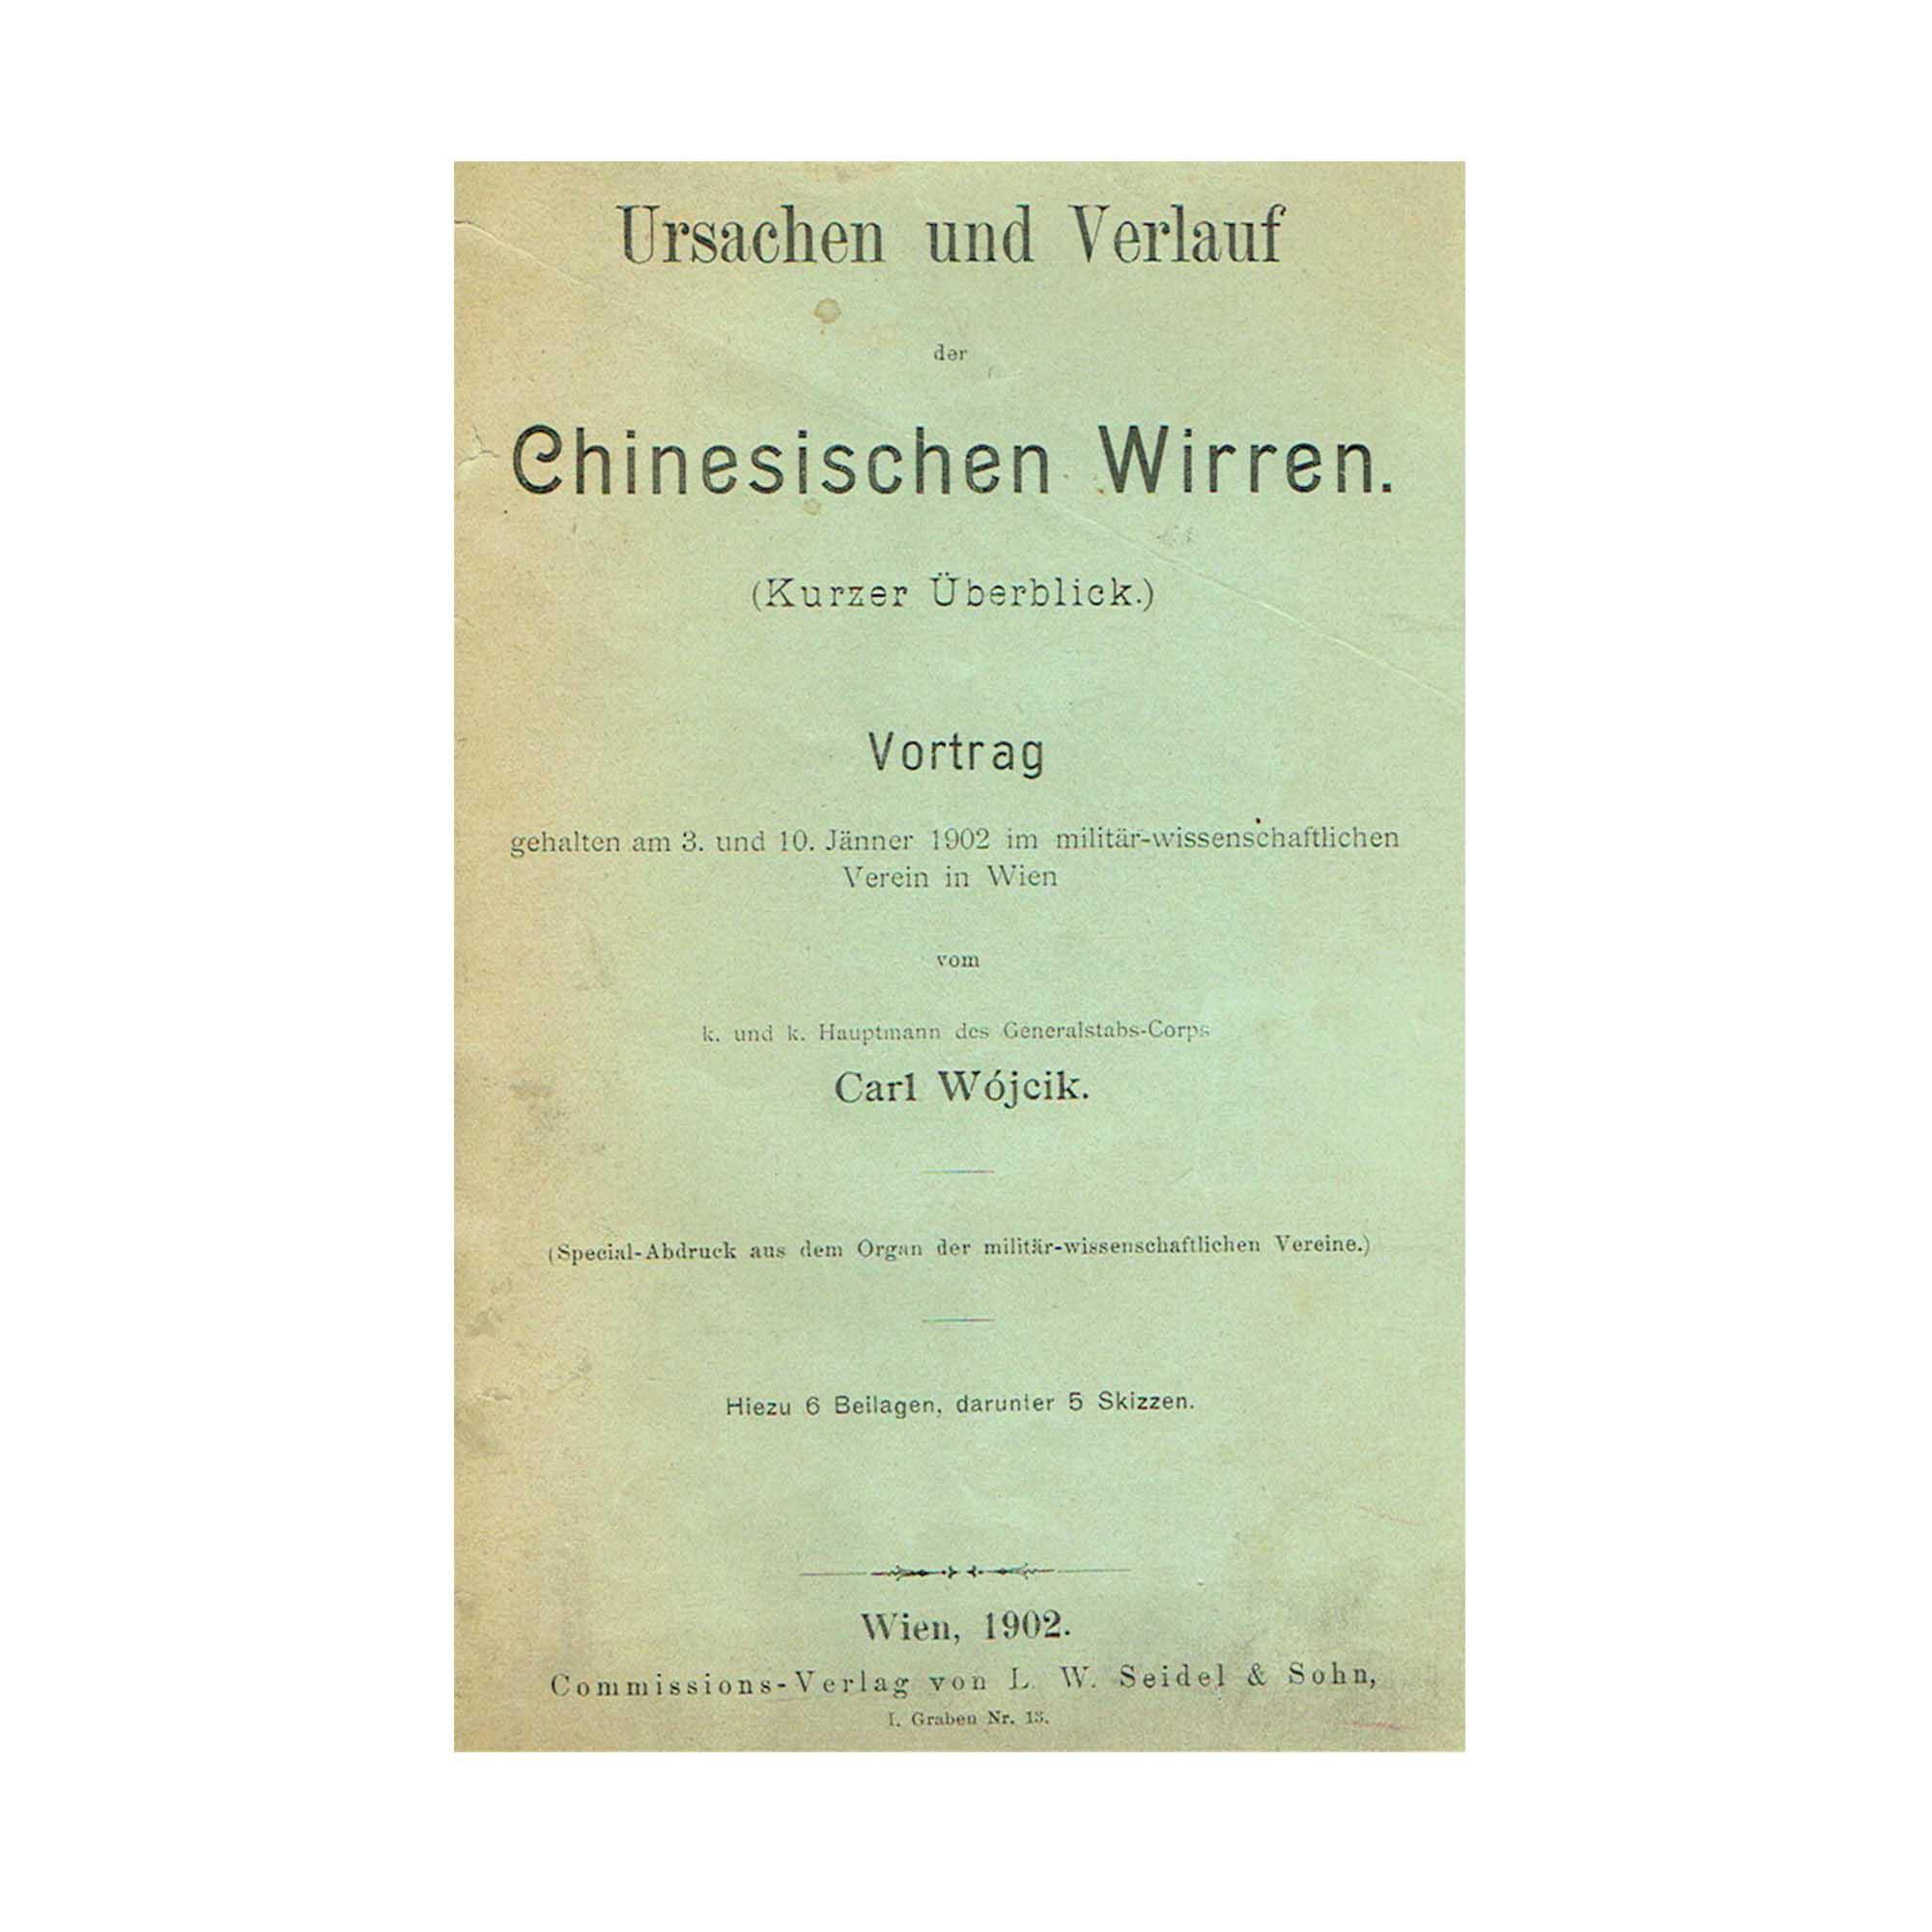 5370-Wojcik-Chinesische-Wirren-1902-Umschlag-N.jpg